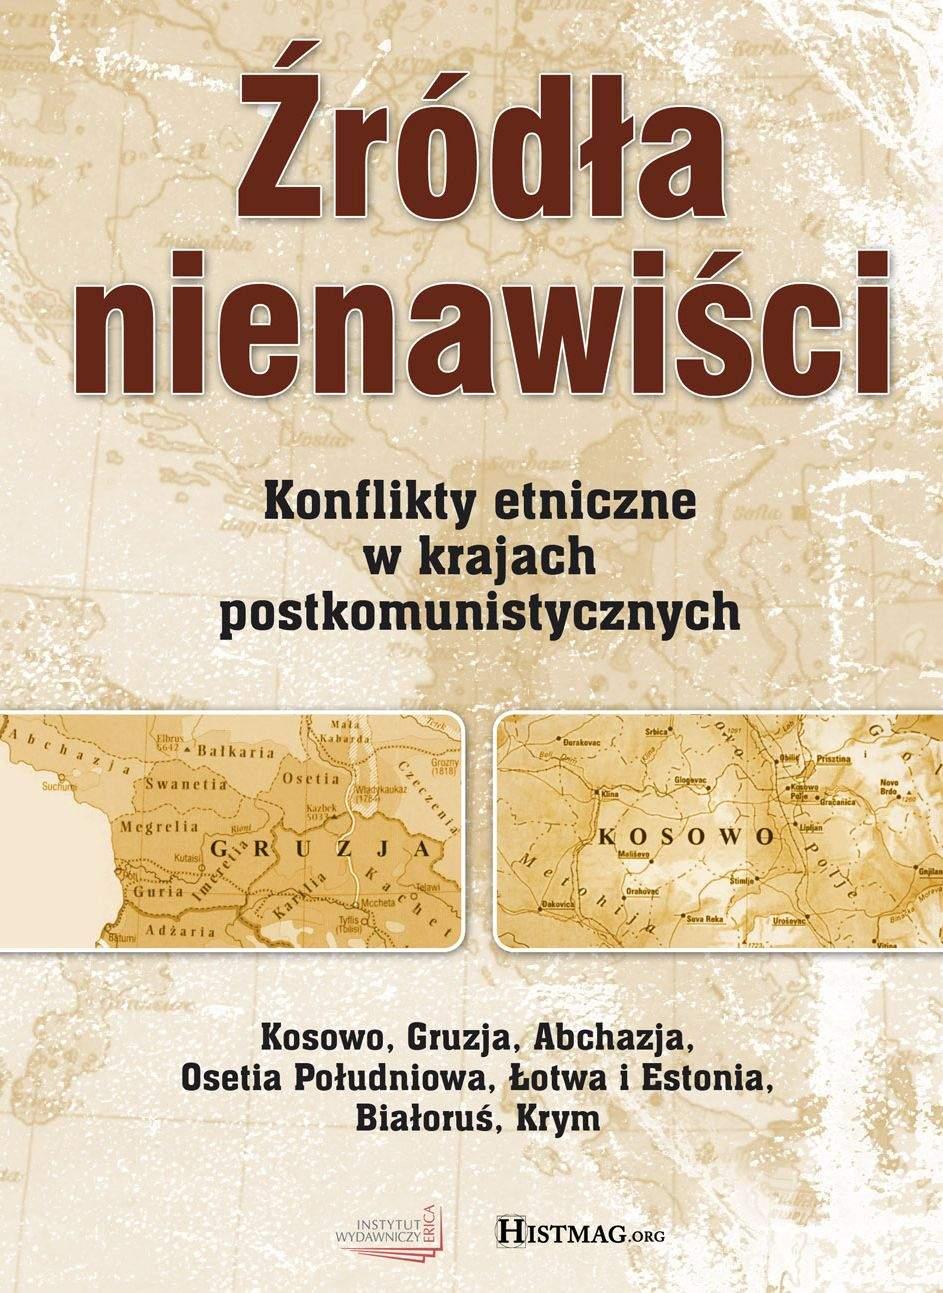 Źródła nienawiści. Konflikty etniczne w krajach postkomunistycznych - Ebook (Książka EPUB) do pobrania w formacie EPUB